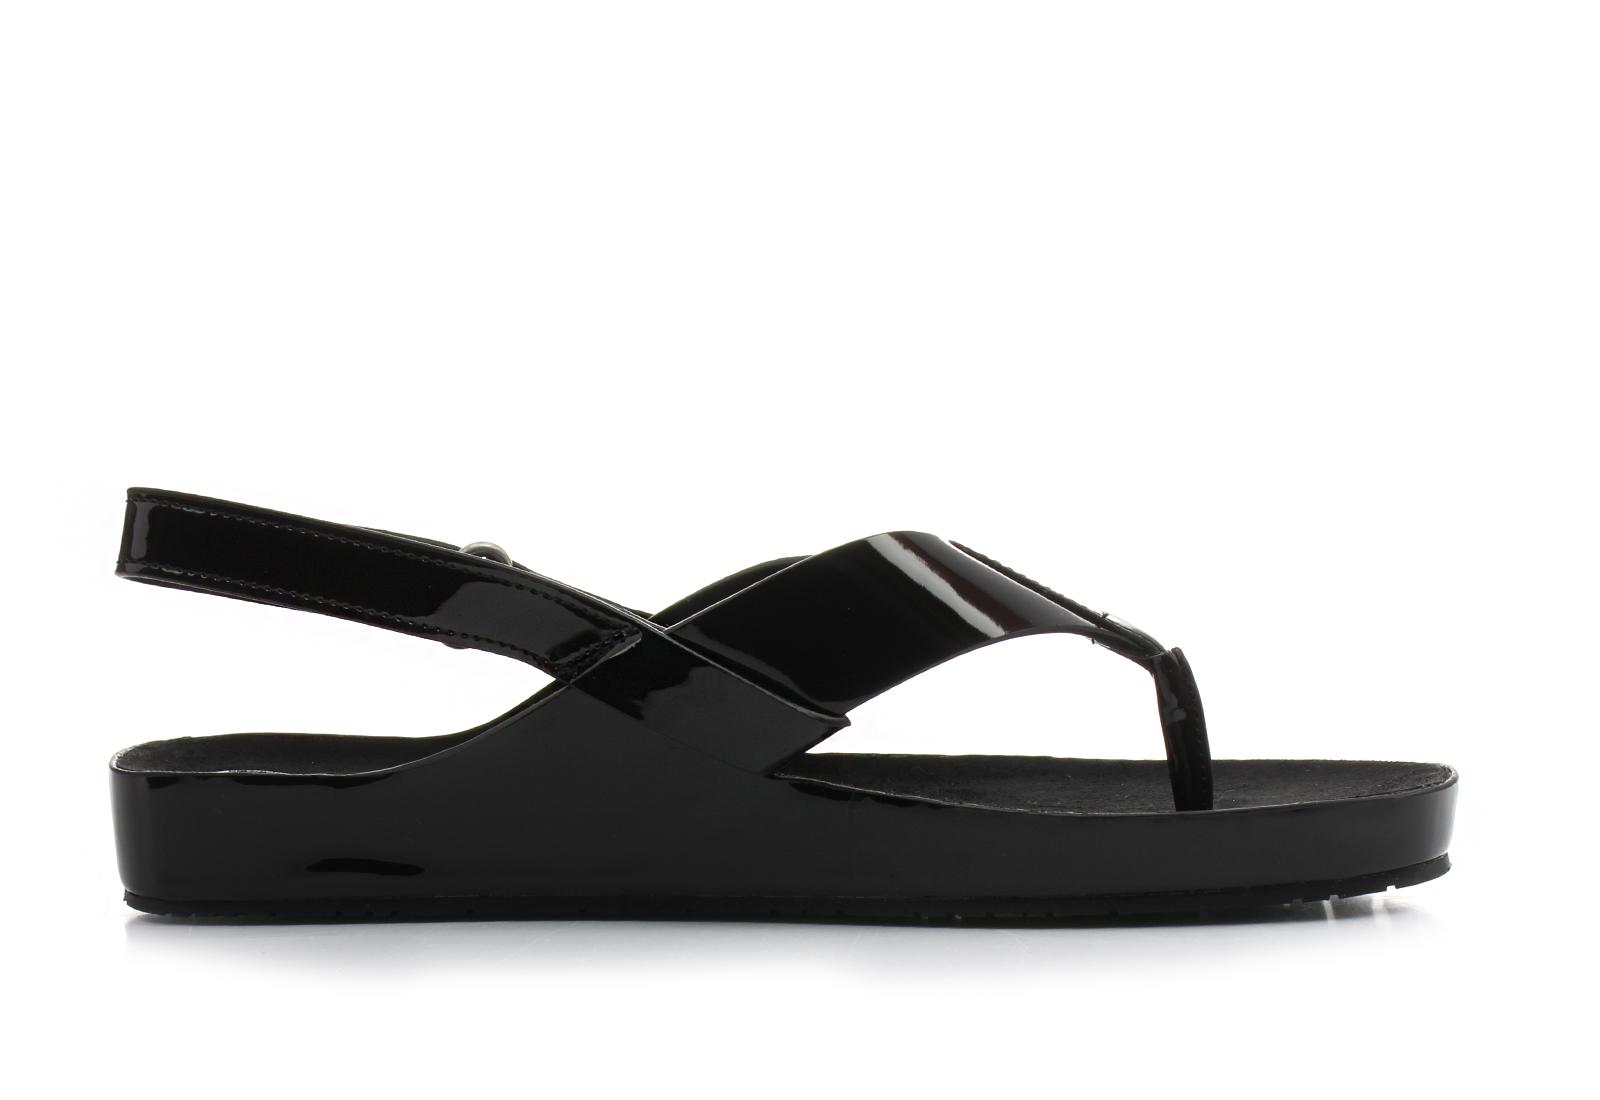 calvin klein black label sandale crne sandale manira. Black Bedroom Furniture Sets. Home Design Ideas